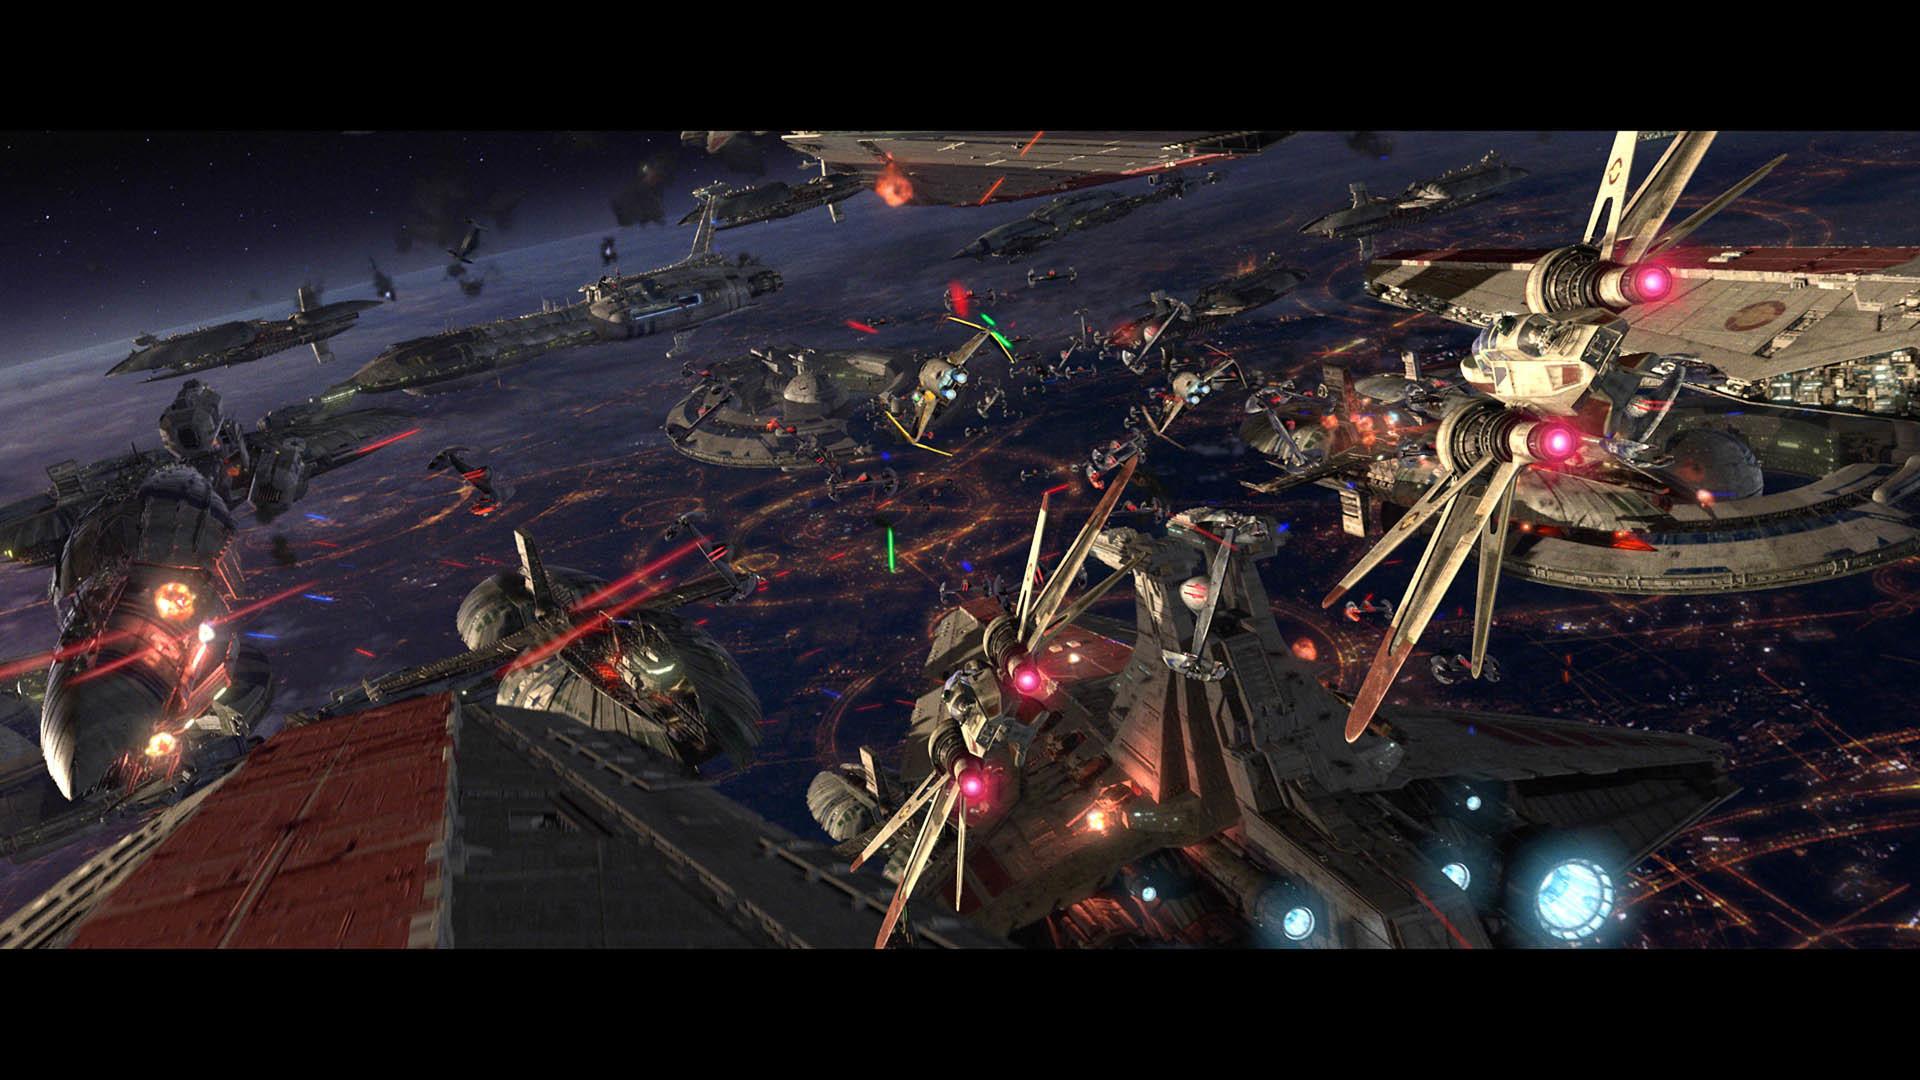 Star Wars – Sith Battle HD Wallpaper. Â« »